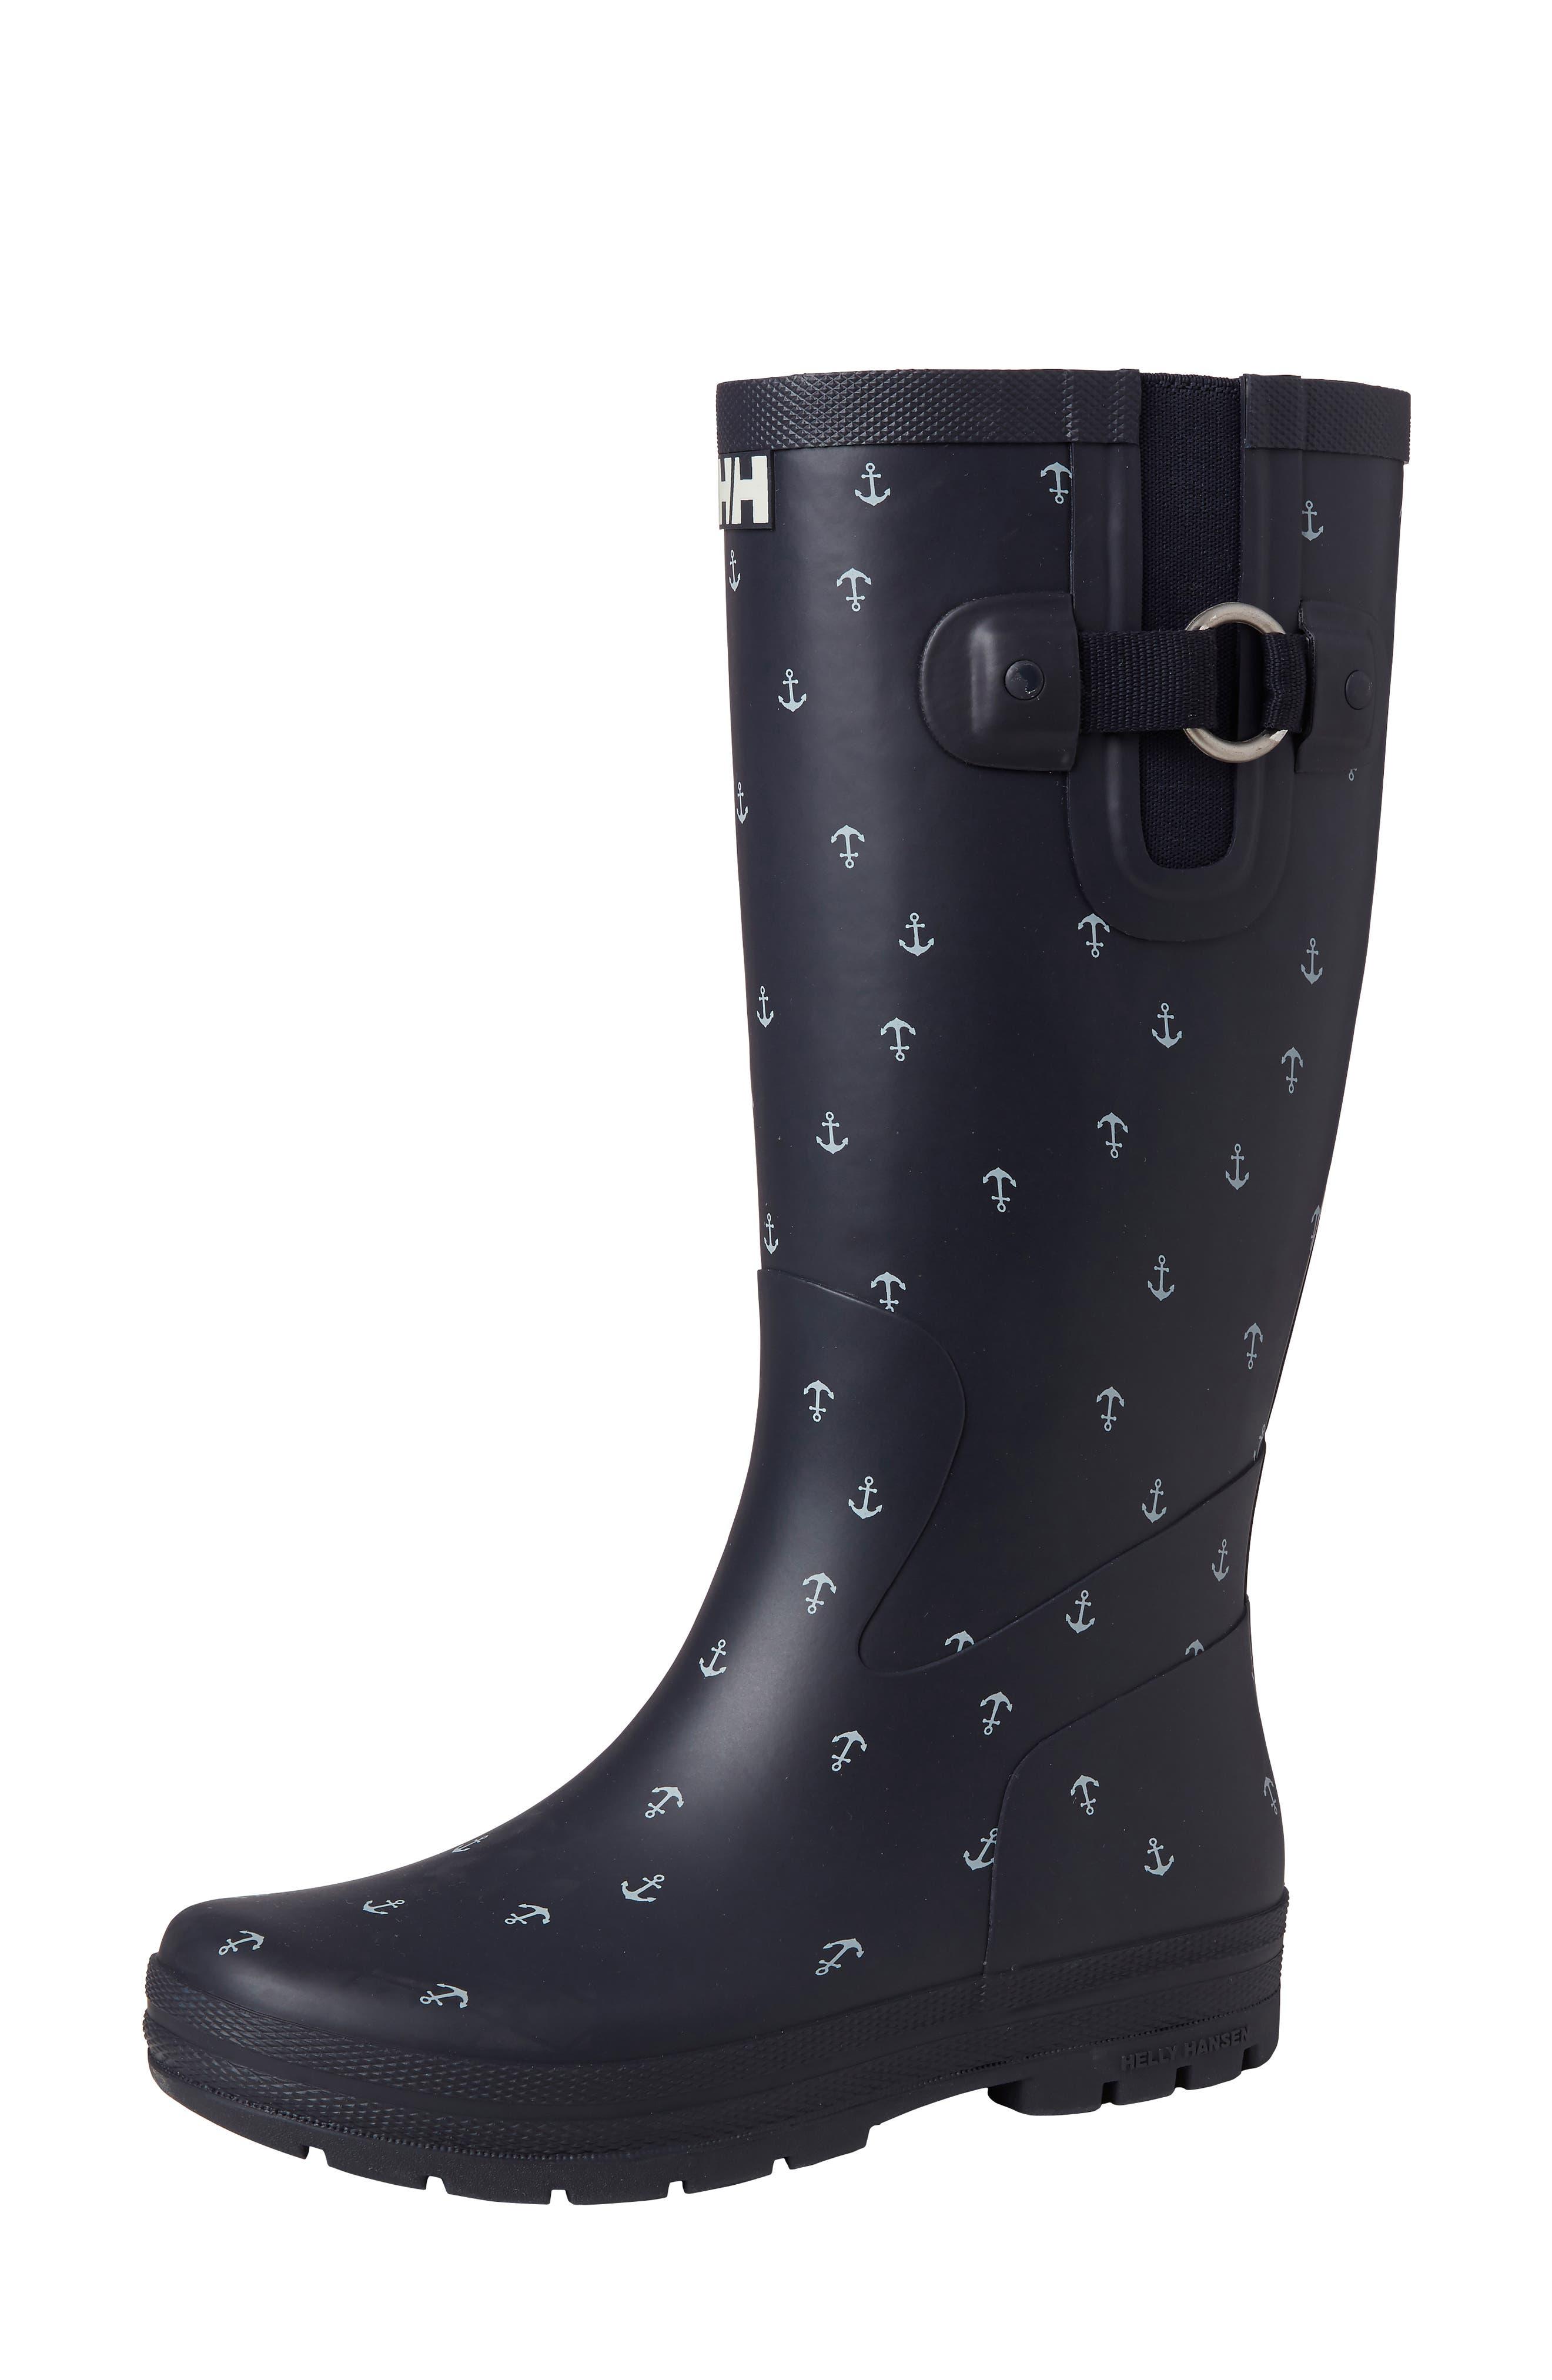 Veierland 3 Waterproof Rain Boot